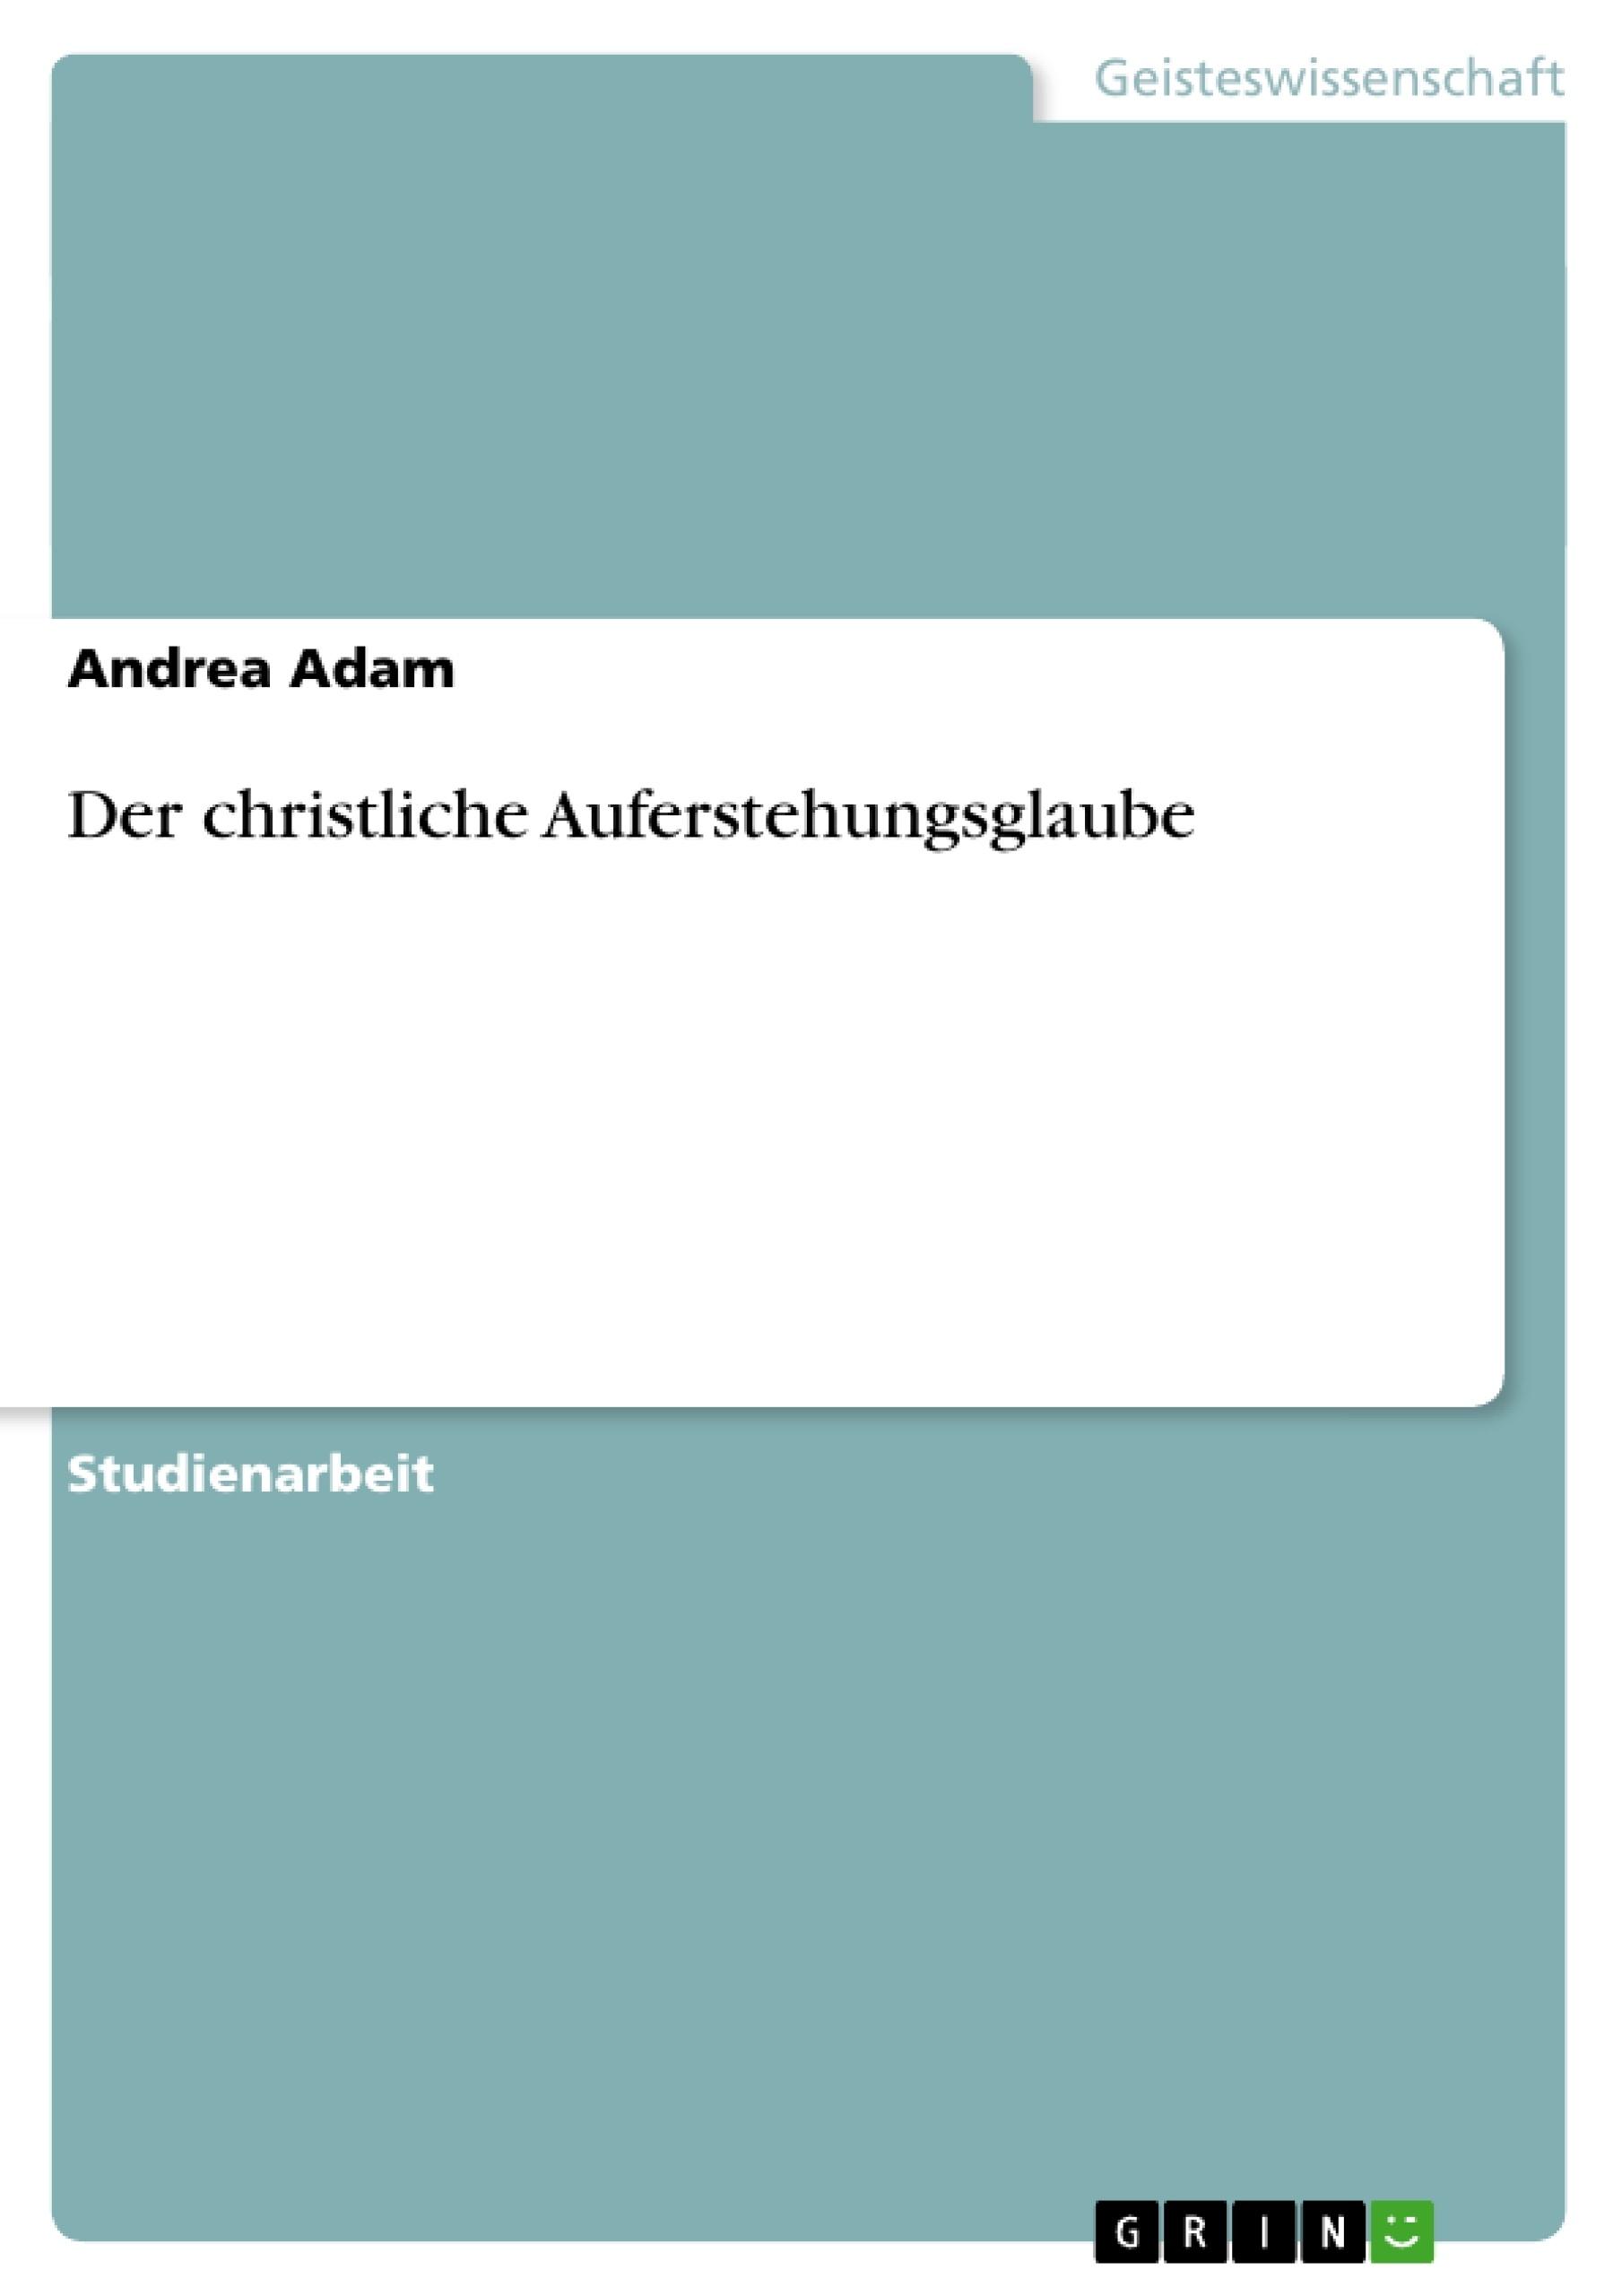 Titel: Der christliche Auferstehungsglaube